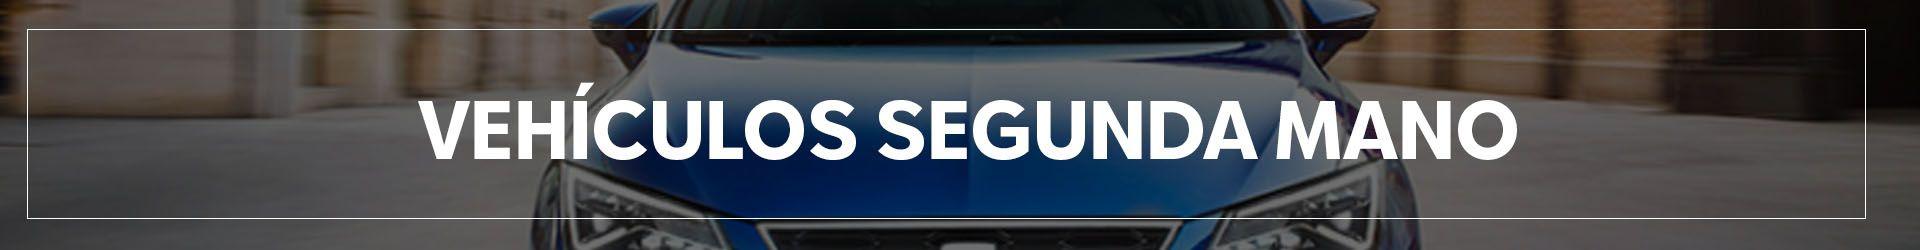 VEHICULOS SEGUNDA MANO | Automocion Terry Concesionario Cadiz